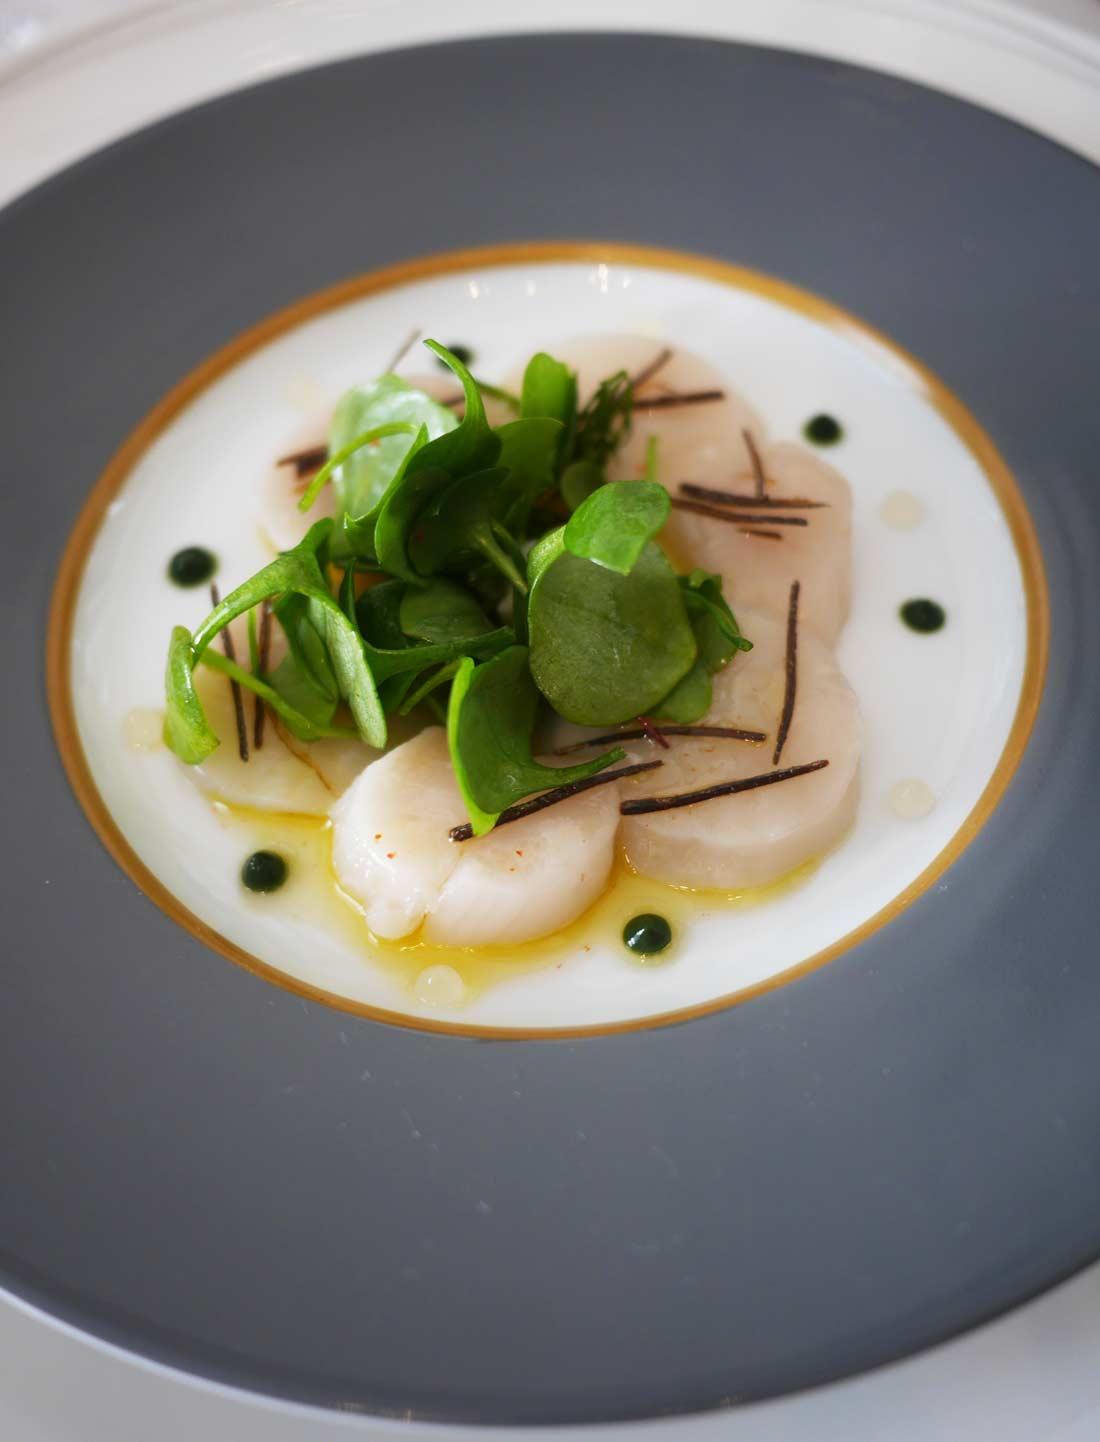 Le plat de noix de saint-jacques algues japonaises servi en entrée